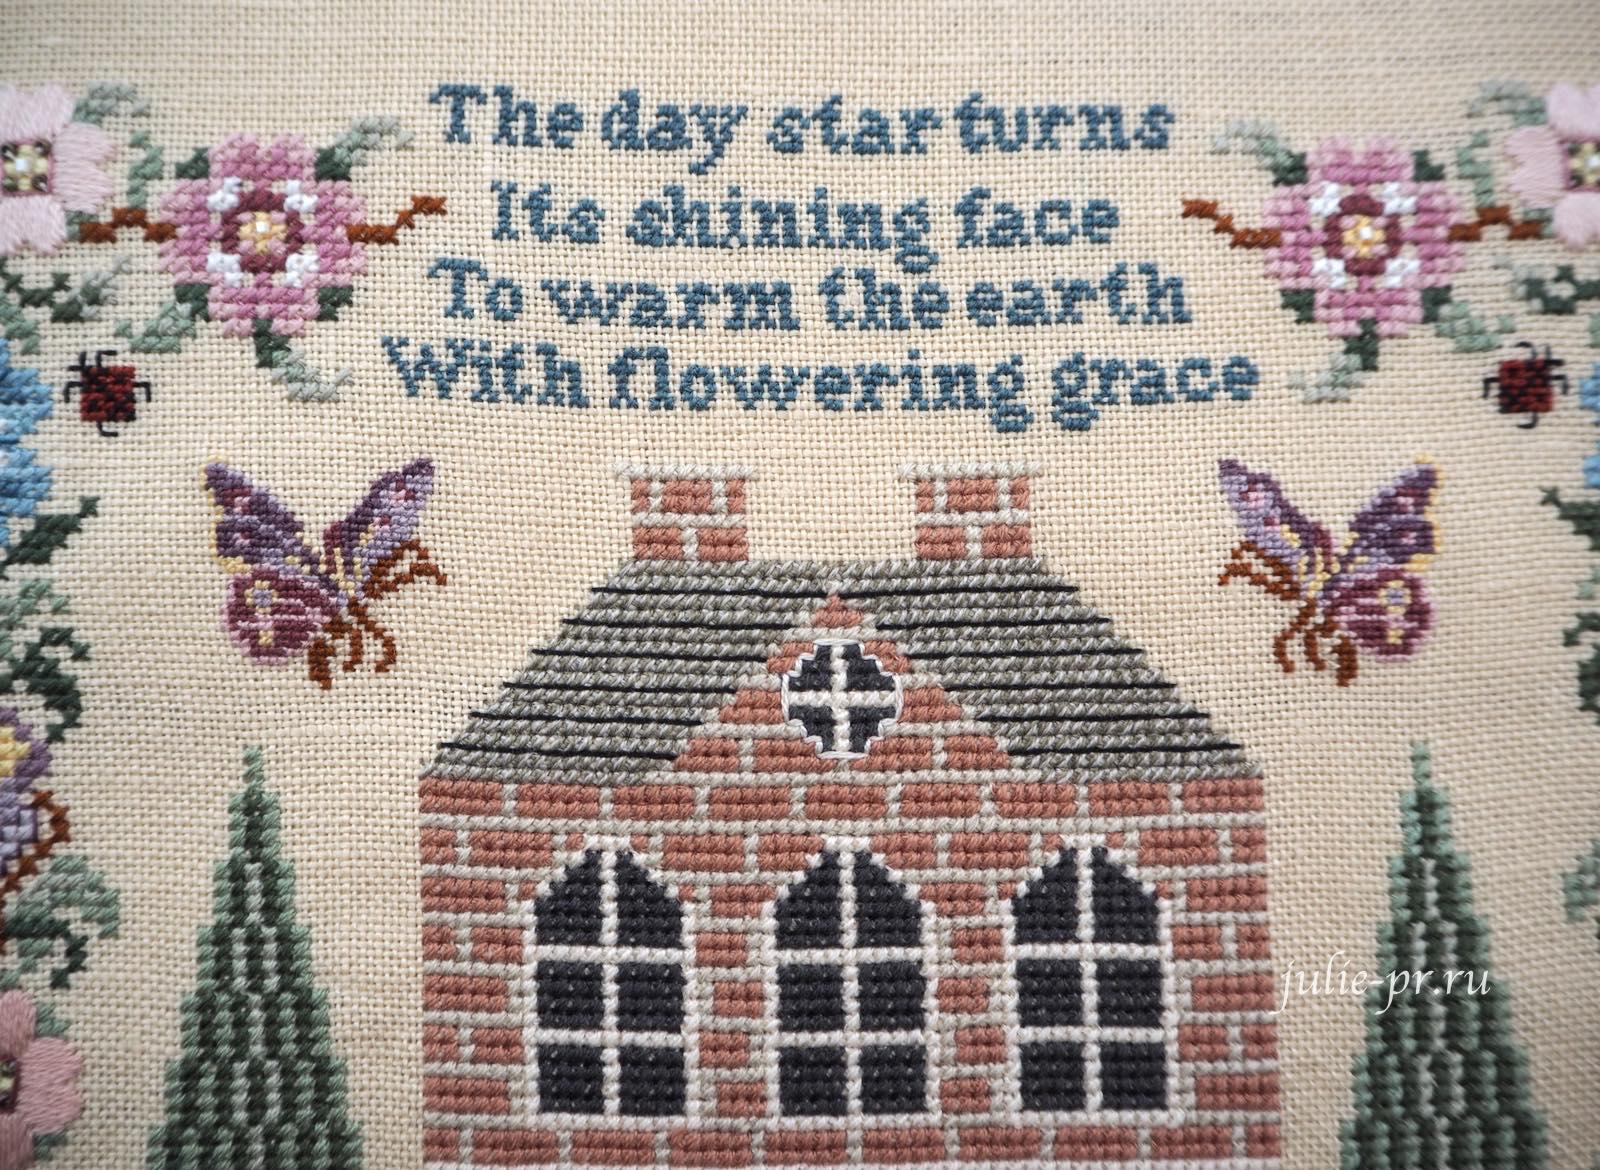 вышивка крестом, Silkwood Manor, Just Nan, дом, поместье, вышивка бисером, вышивка шовчиками